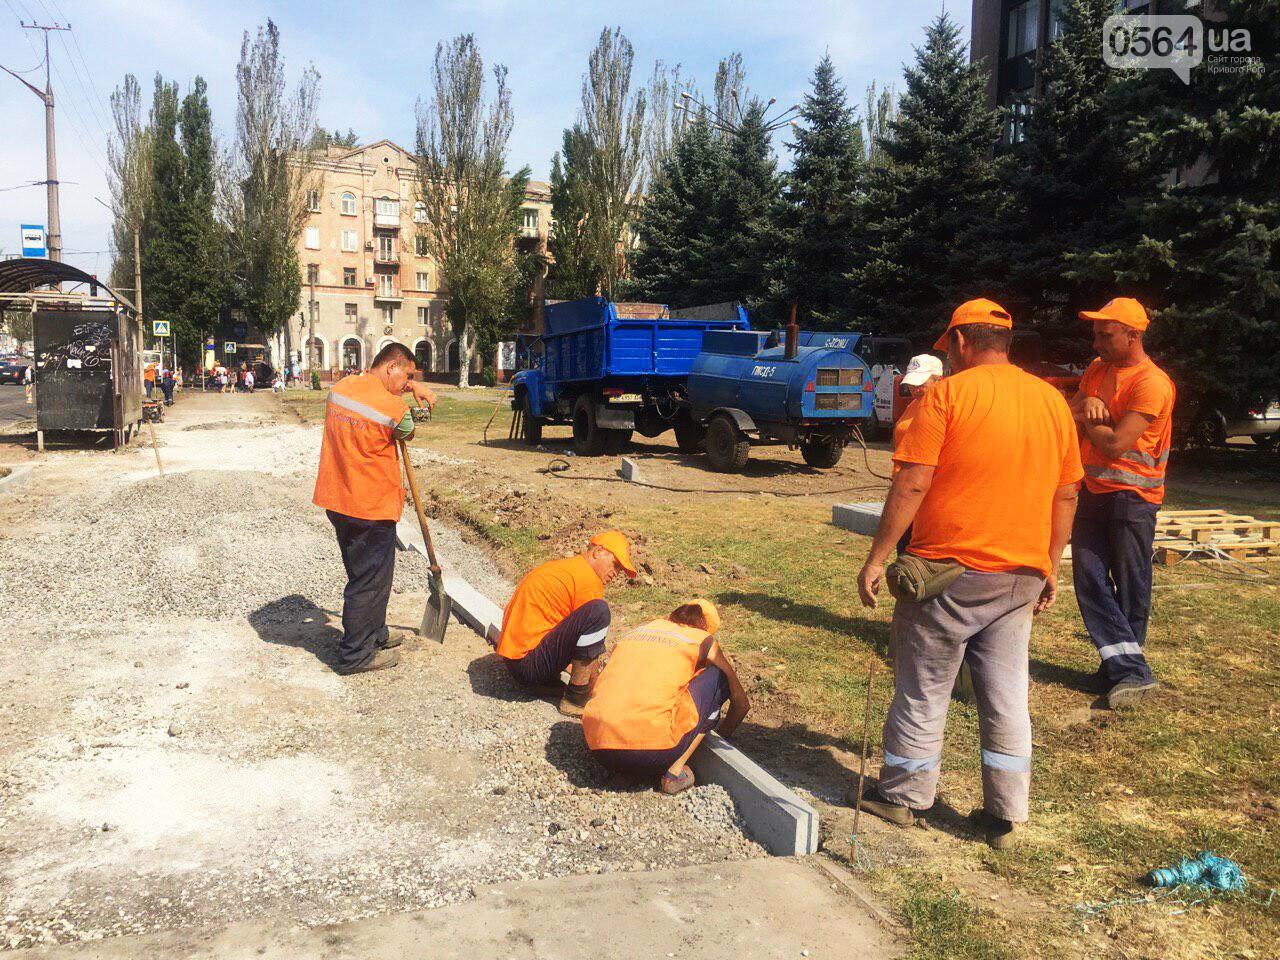 В Кривом Роге ремонтируют пешеходную дорожку к горисполкому, - ФОТО , фото-1